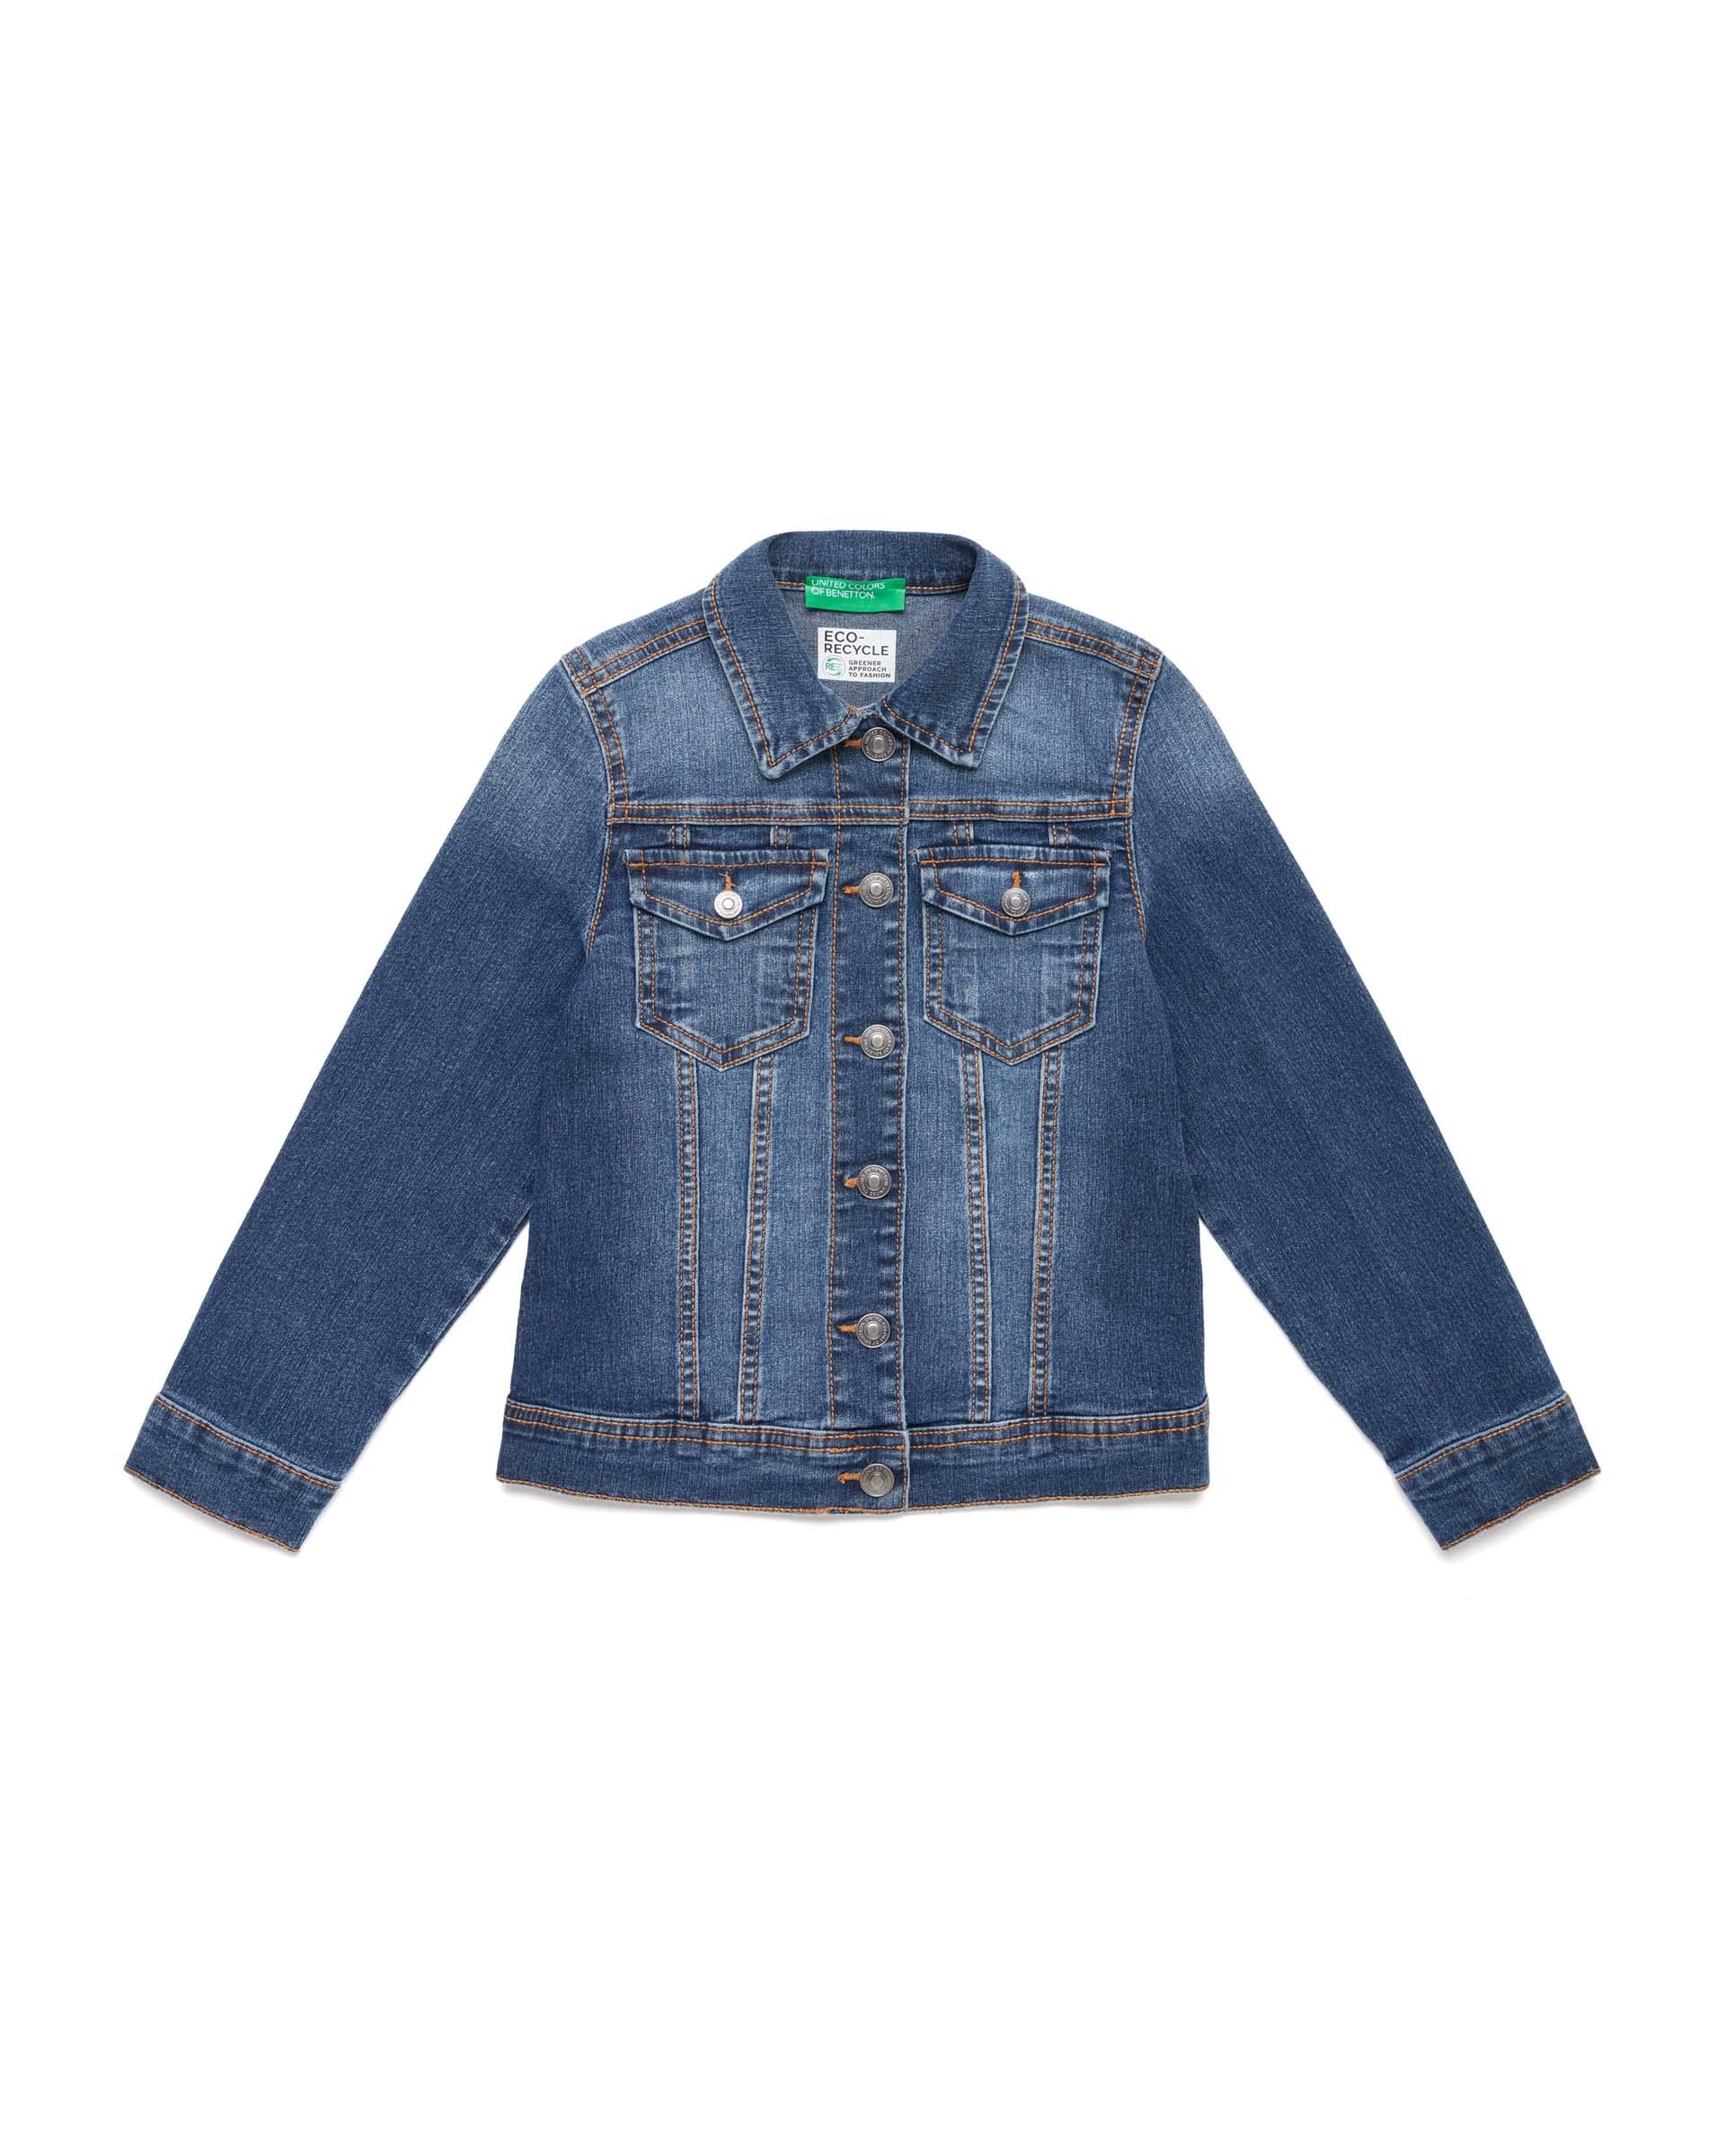 Купить 20P_2XA253HK0_901, Джинсовая куртка для девочек Benetton 2XA253HK0_901 р-р 92, United Colors of Benetton, Куртки для девочек